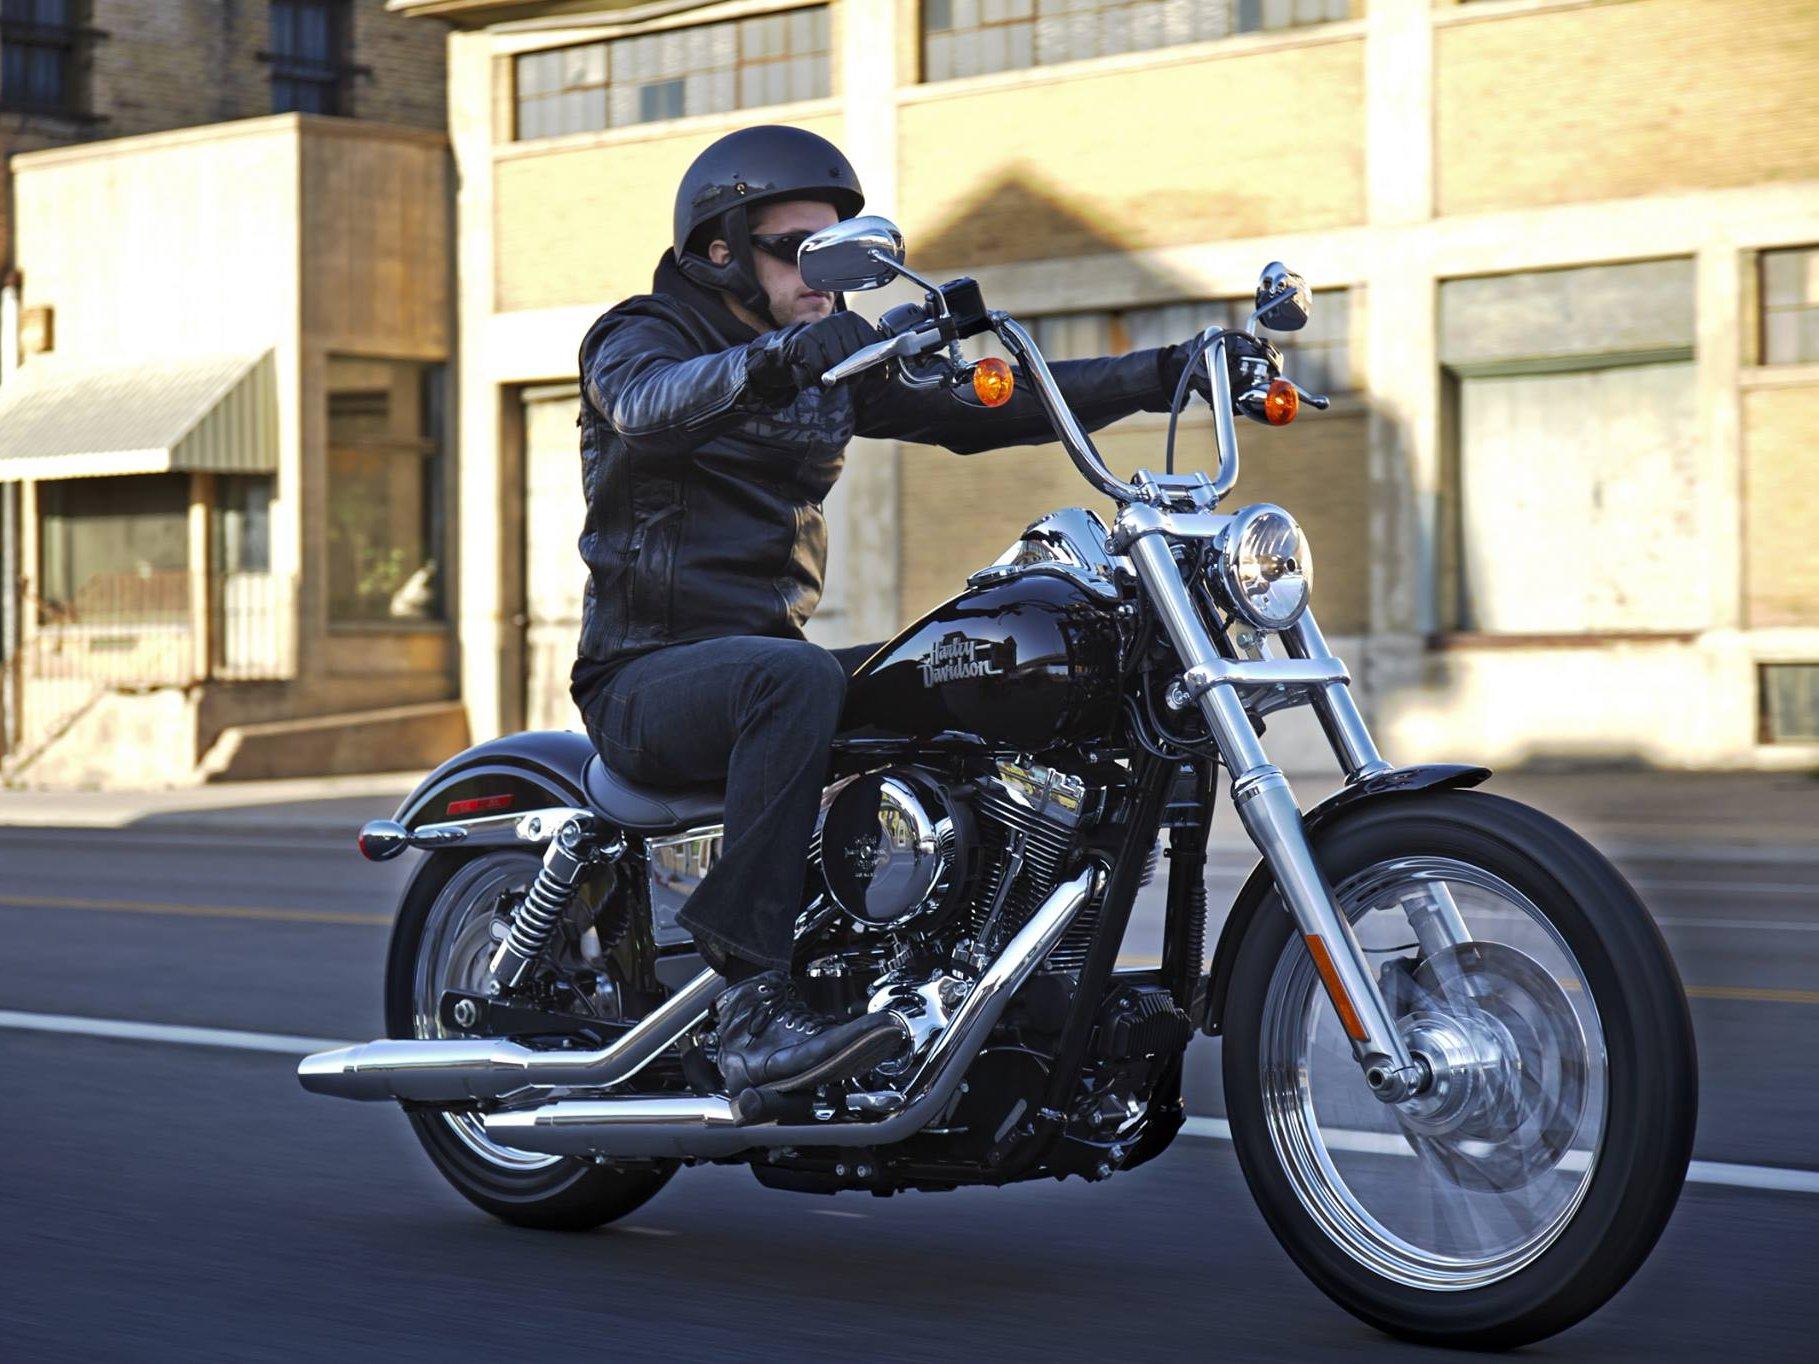 Harley Davidson is plummeting after a big earnings miss (HOG ...